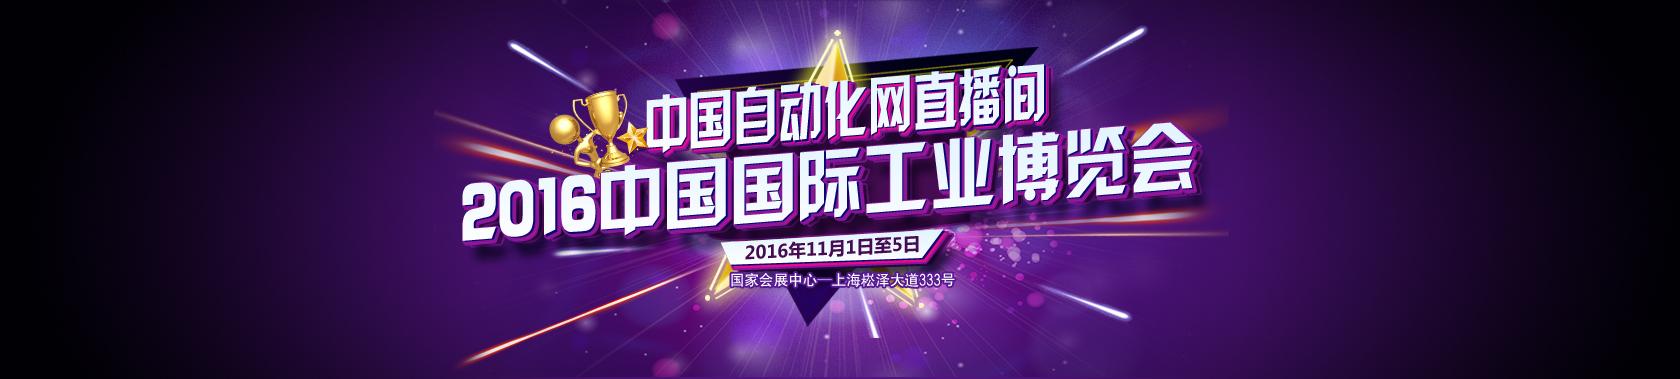 2016上海工博会直播